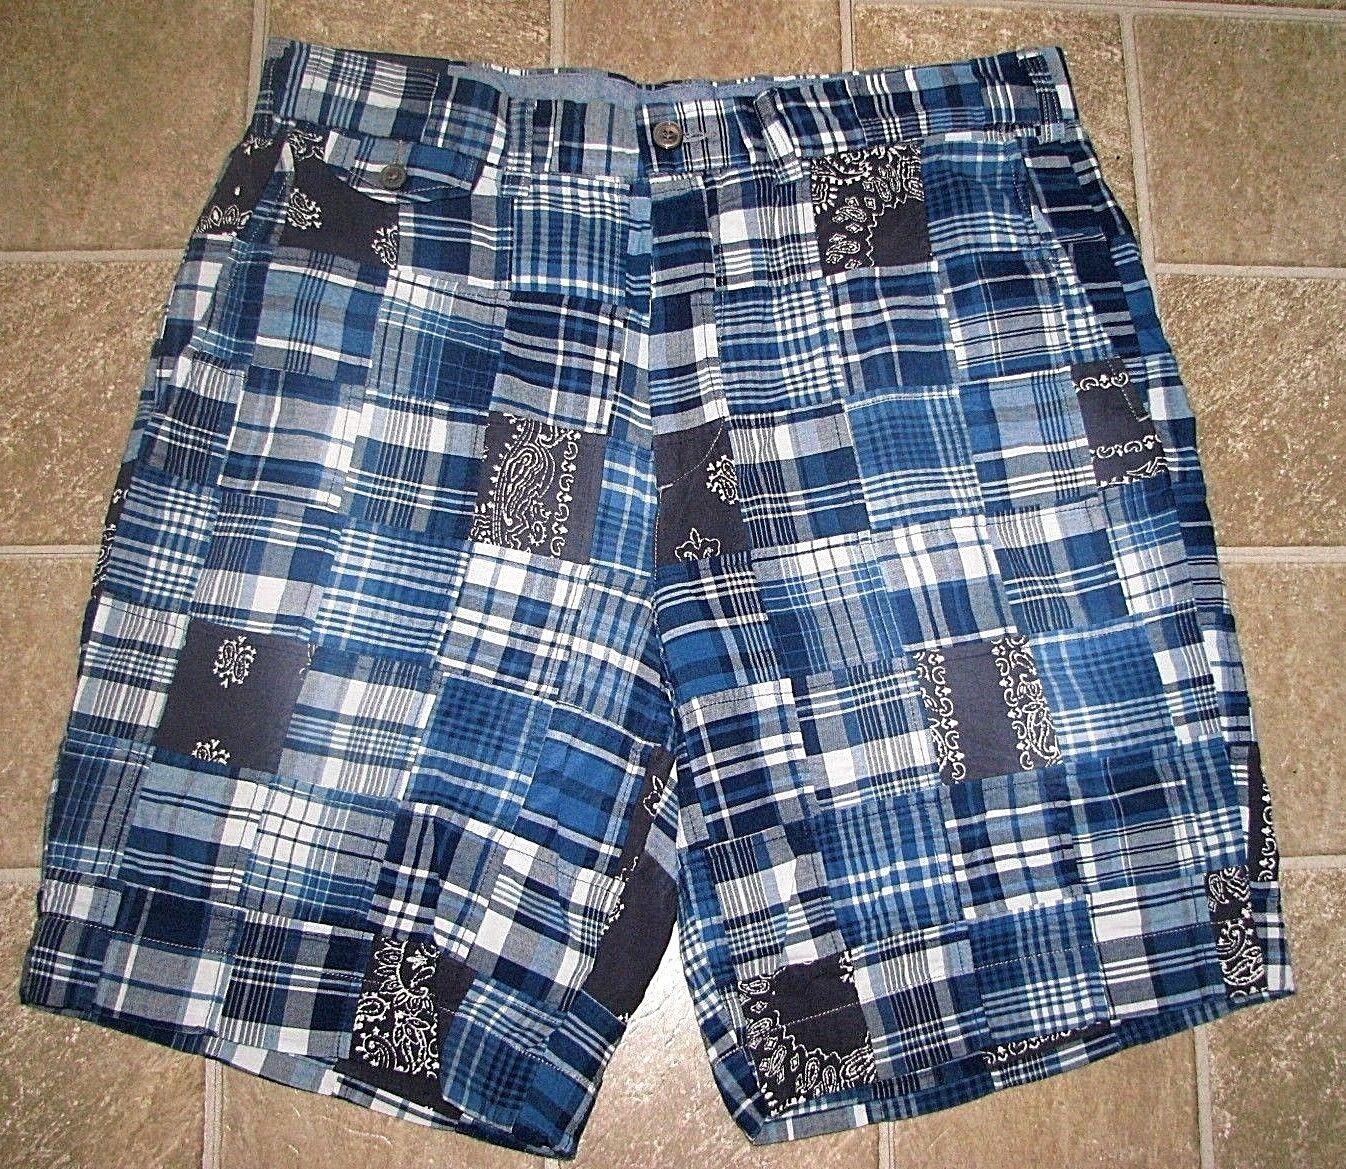 Herren (38) Polo-Ralph Lauren Patchwork Kariert Kariert Kariert Halstuch Blau Madras Shorts  | Deutschland Outlet  c22968